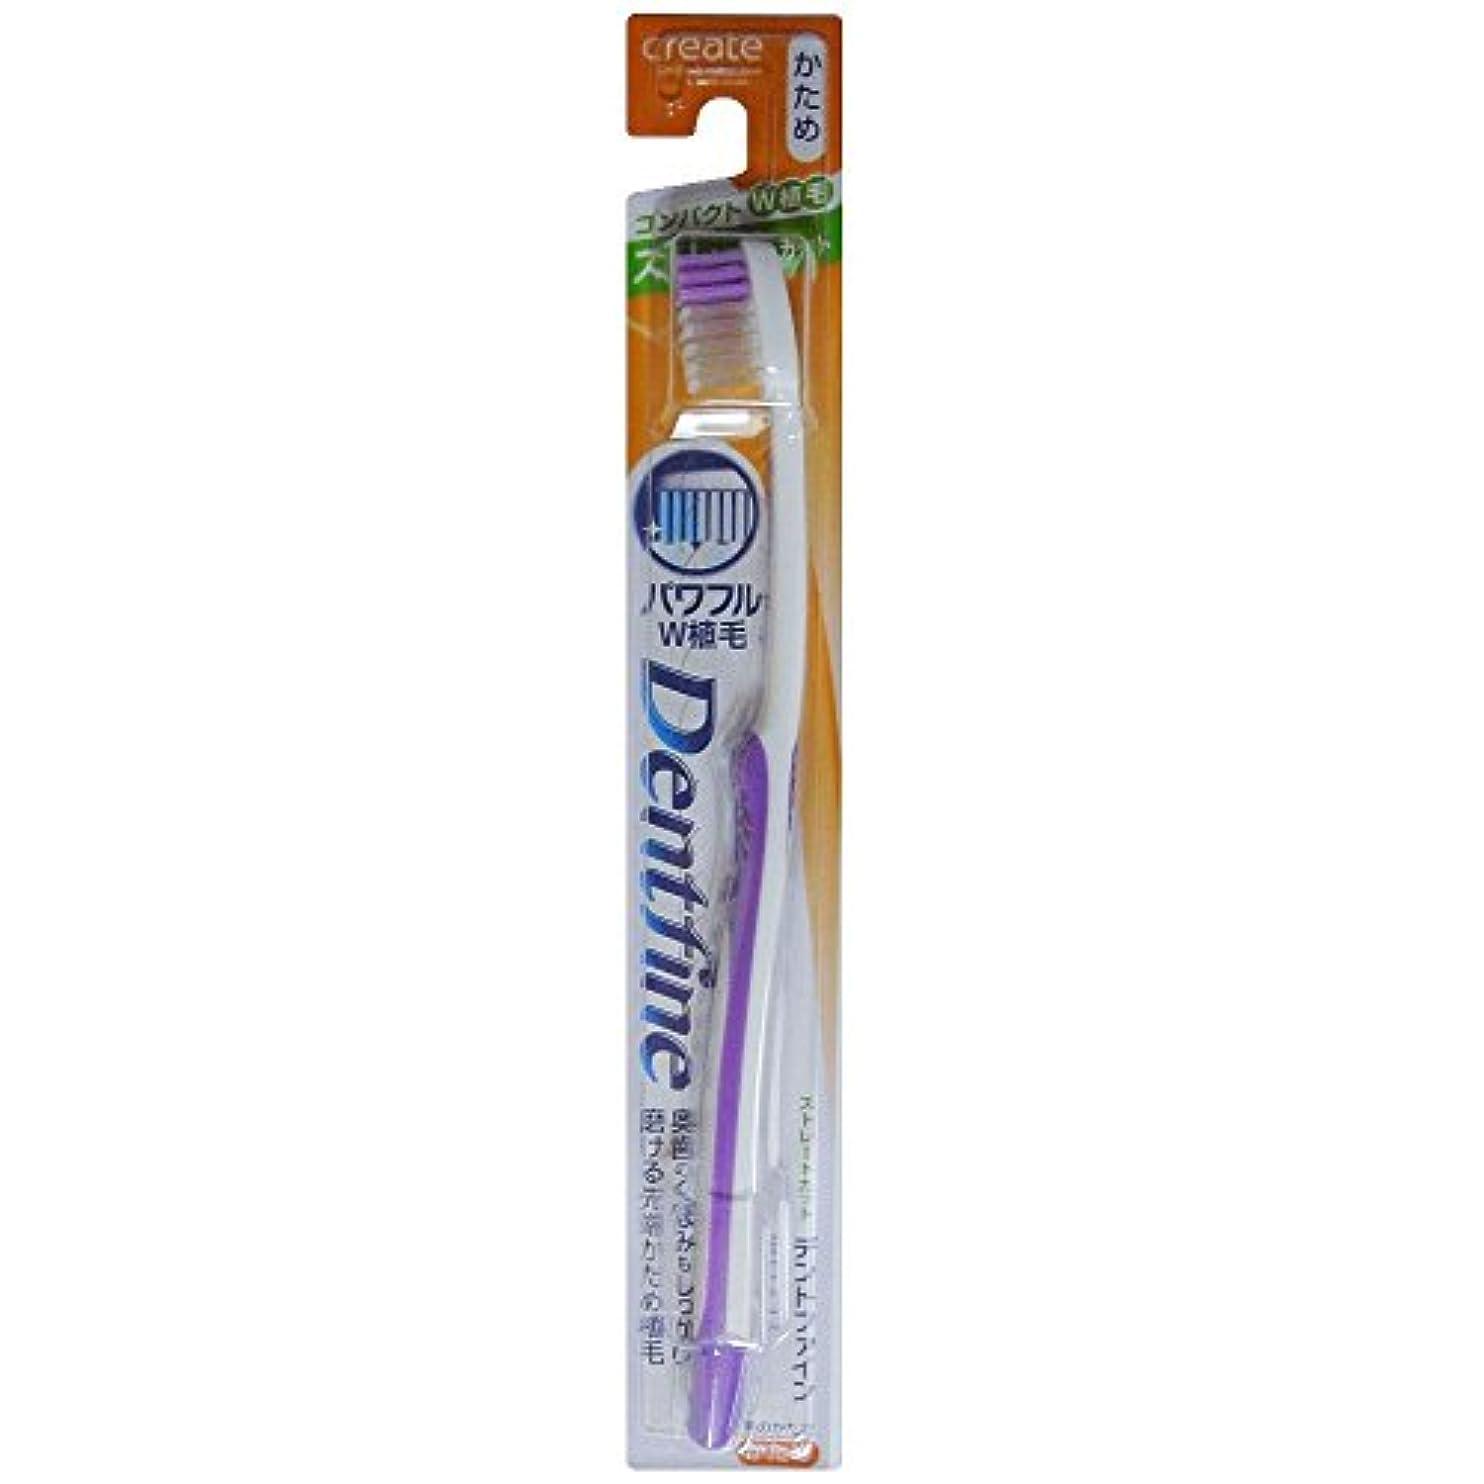 複雑役員廃棄するデントファイン ラバーグリップ ストレートカット 歯ブラシ かため 1本:パープル